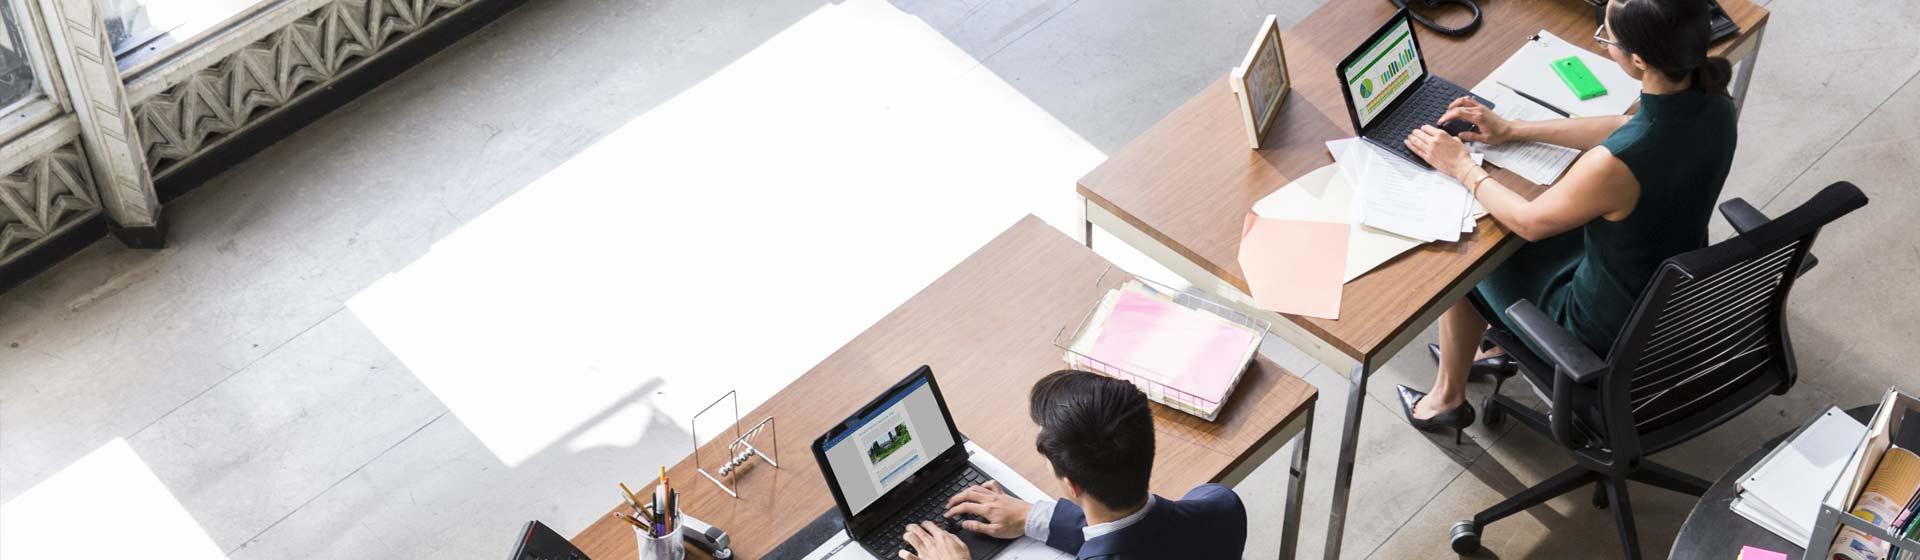 Iegūstiet vairāk— jauniniet no Office2013 uz Office365 jau šodien